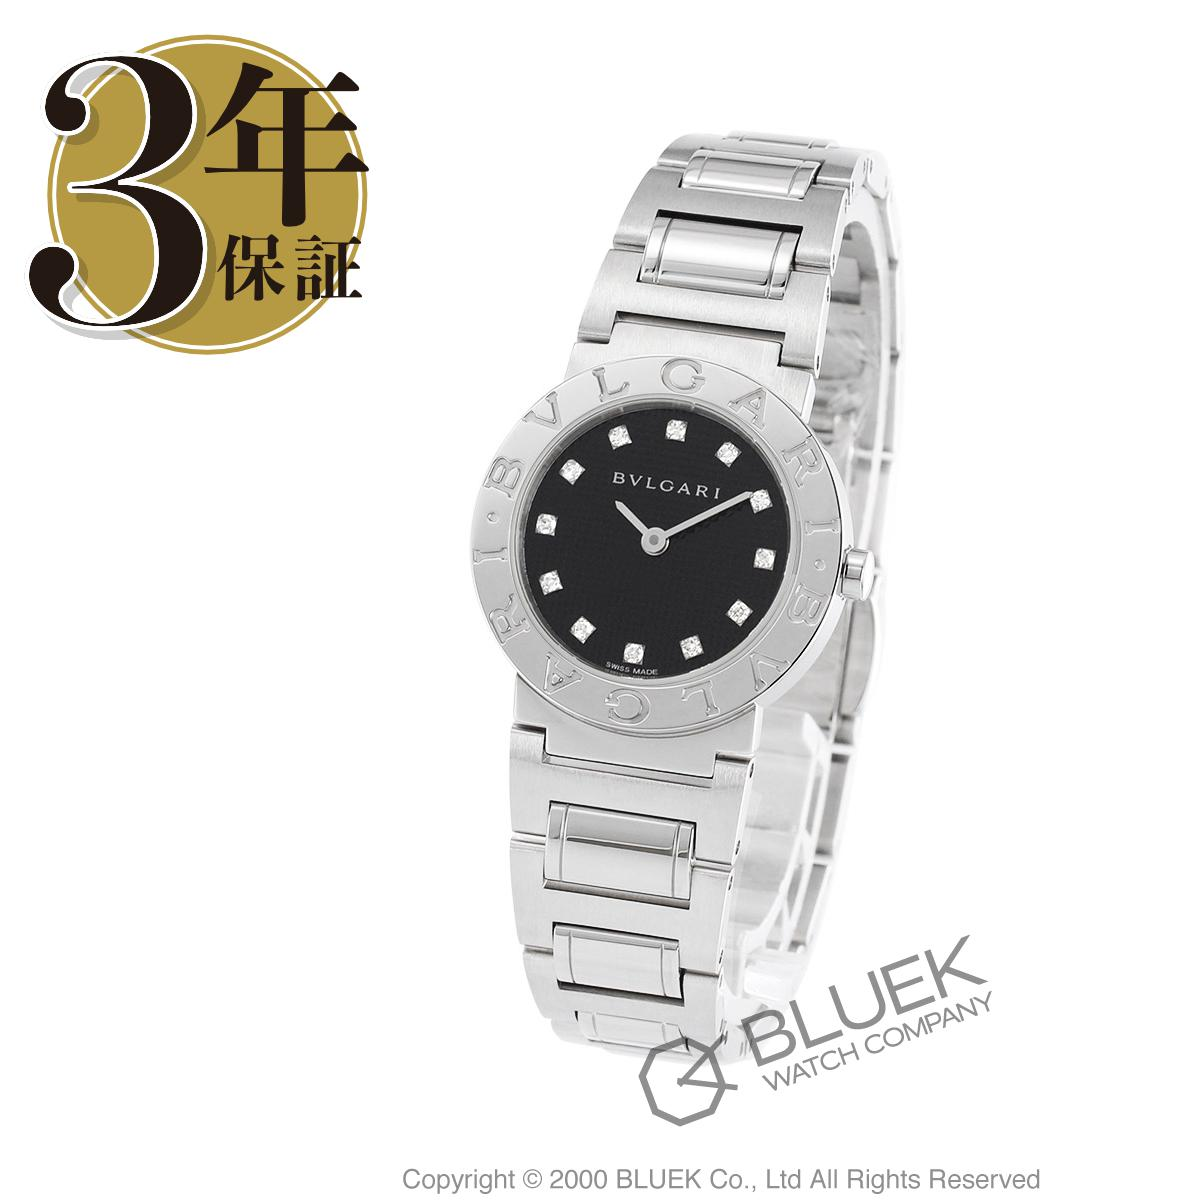 ブルガリ ブルガリブルガリ ダイヤ 腕時計 レディース BVLGARI BB26BSS/12_3